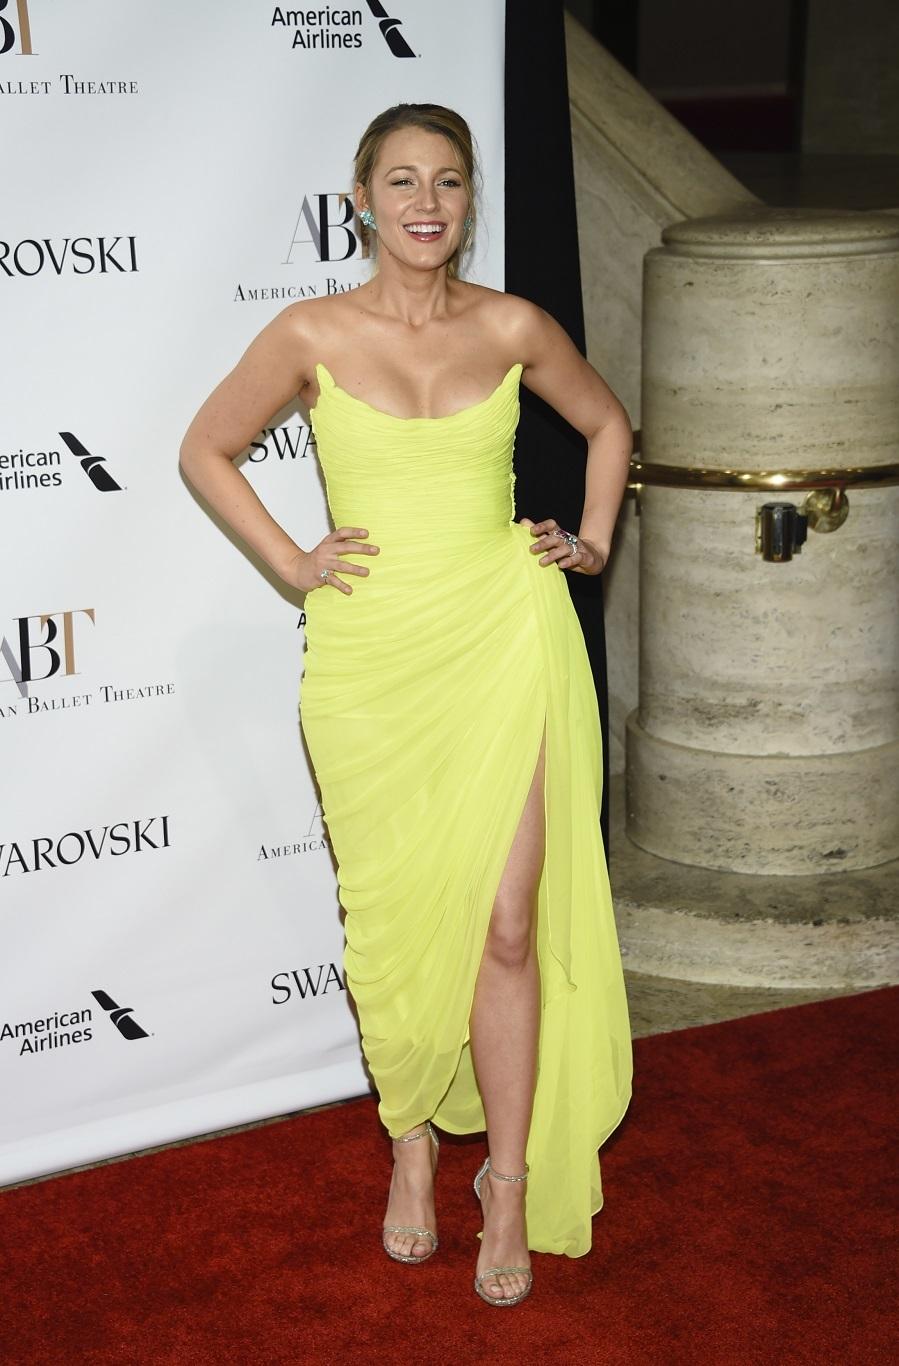 Blake sorprendió con un vestido que además de la abertura y pliegues...